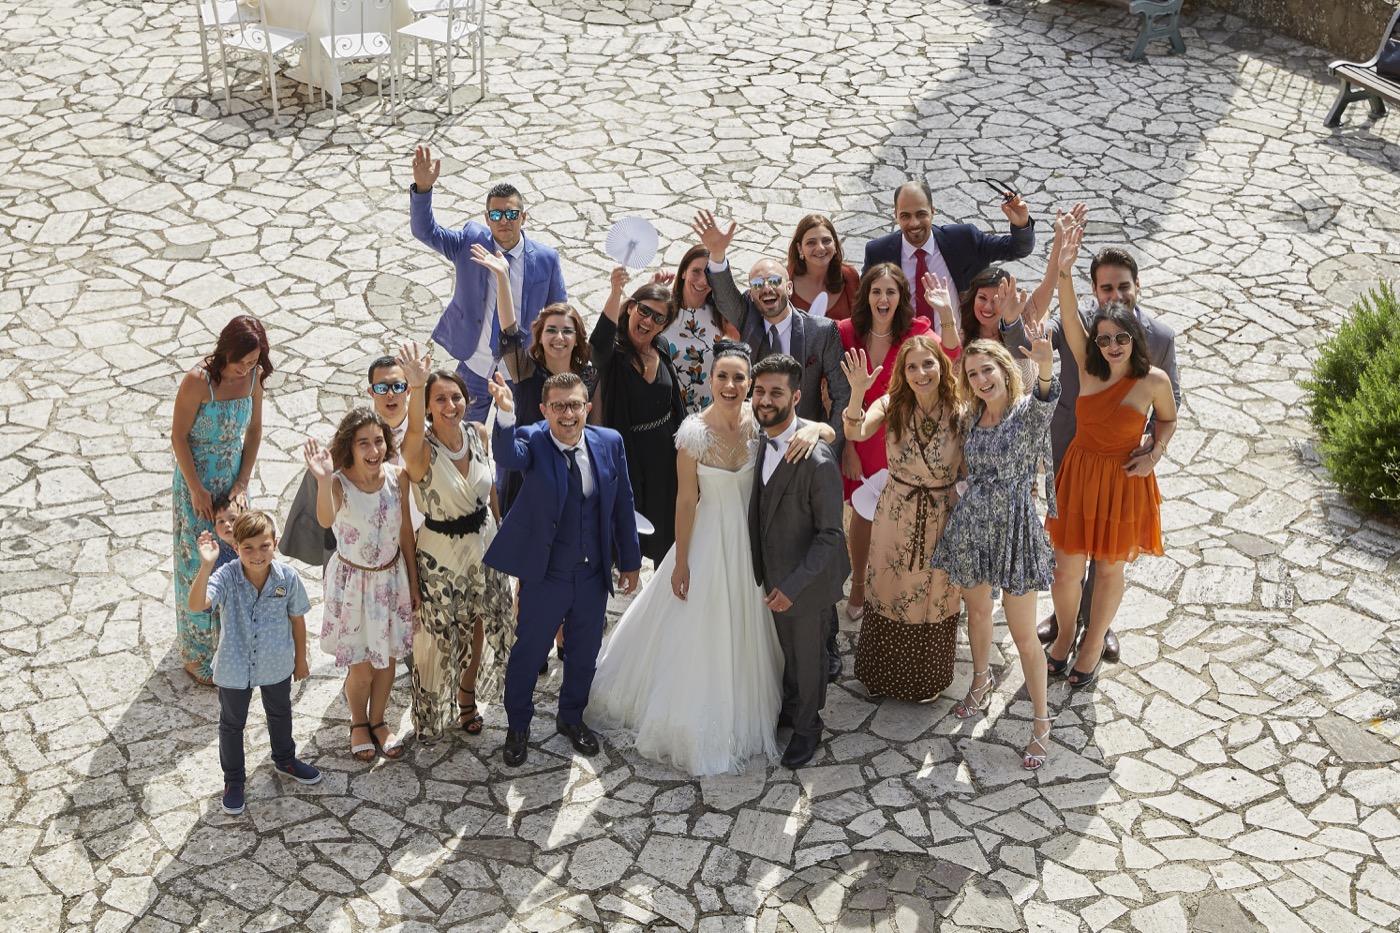 Claudio-Coppola-wedding-photographer-villa-del-cardinale-rocca-di-papa-castel-gandolfo-60